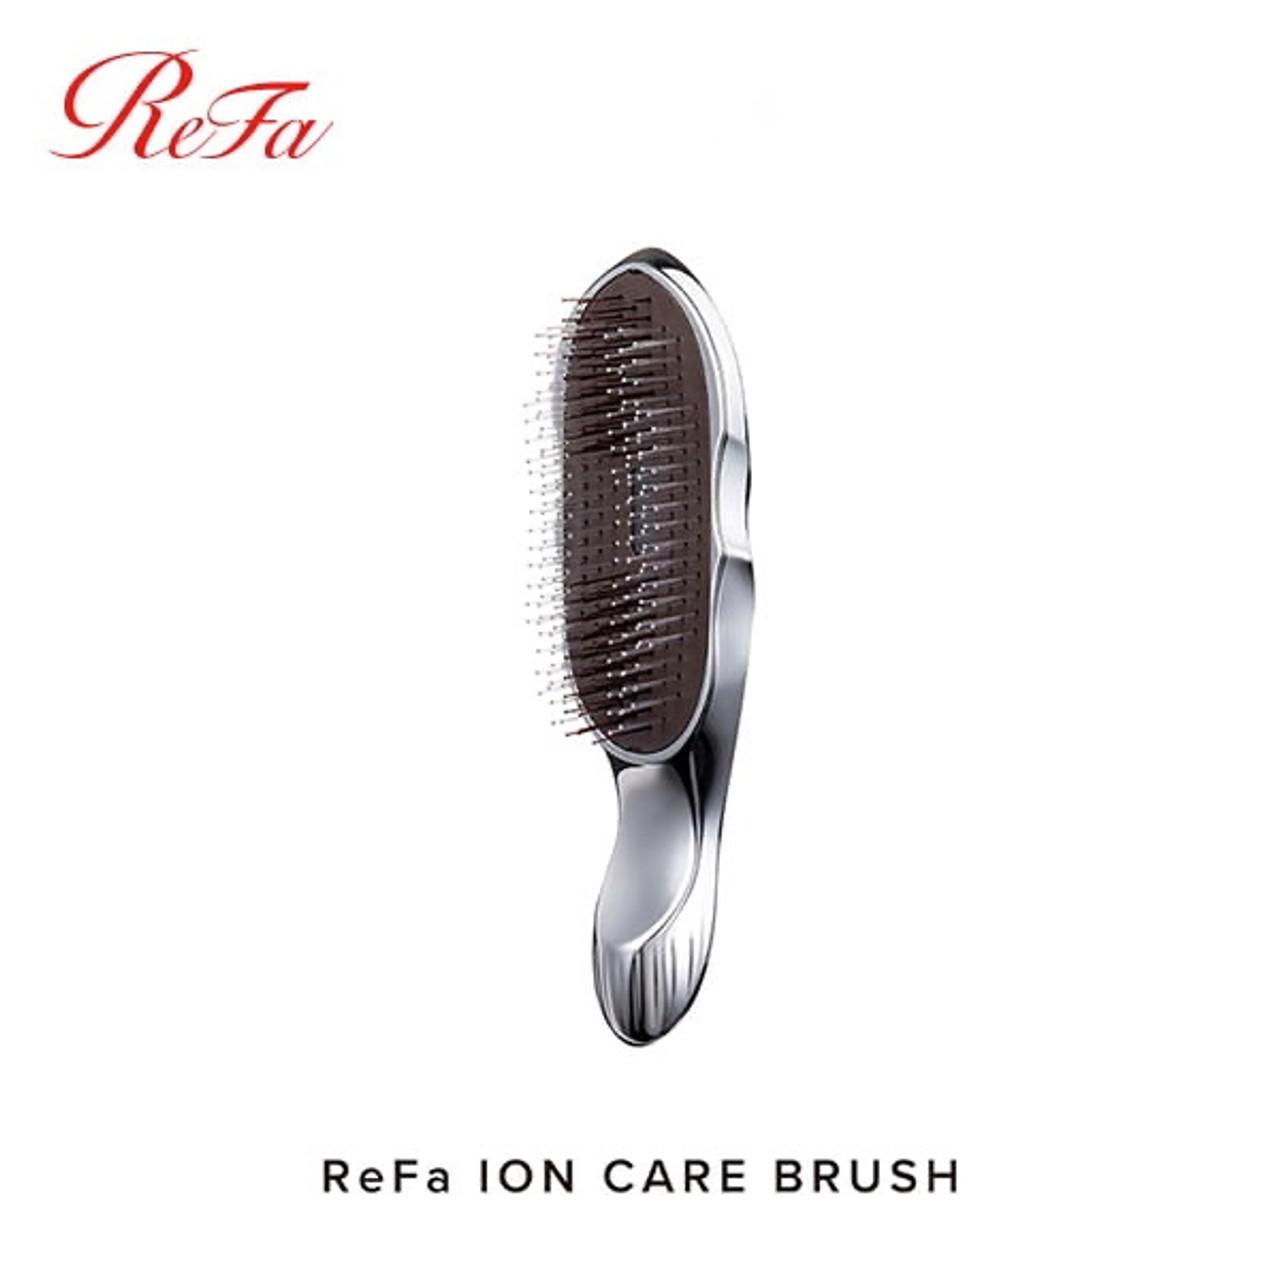 Refa Ion Care Brush Массажная расческа для кожи головы